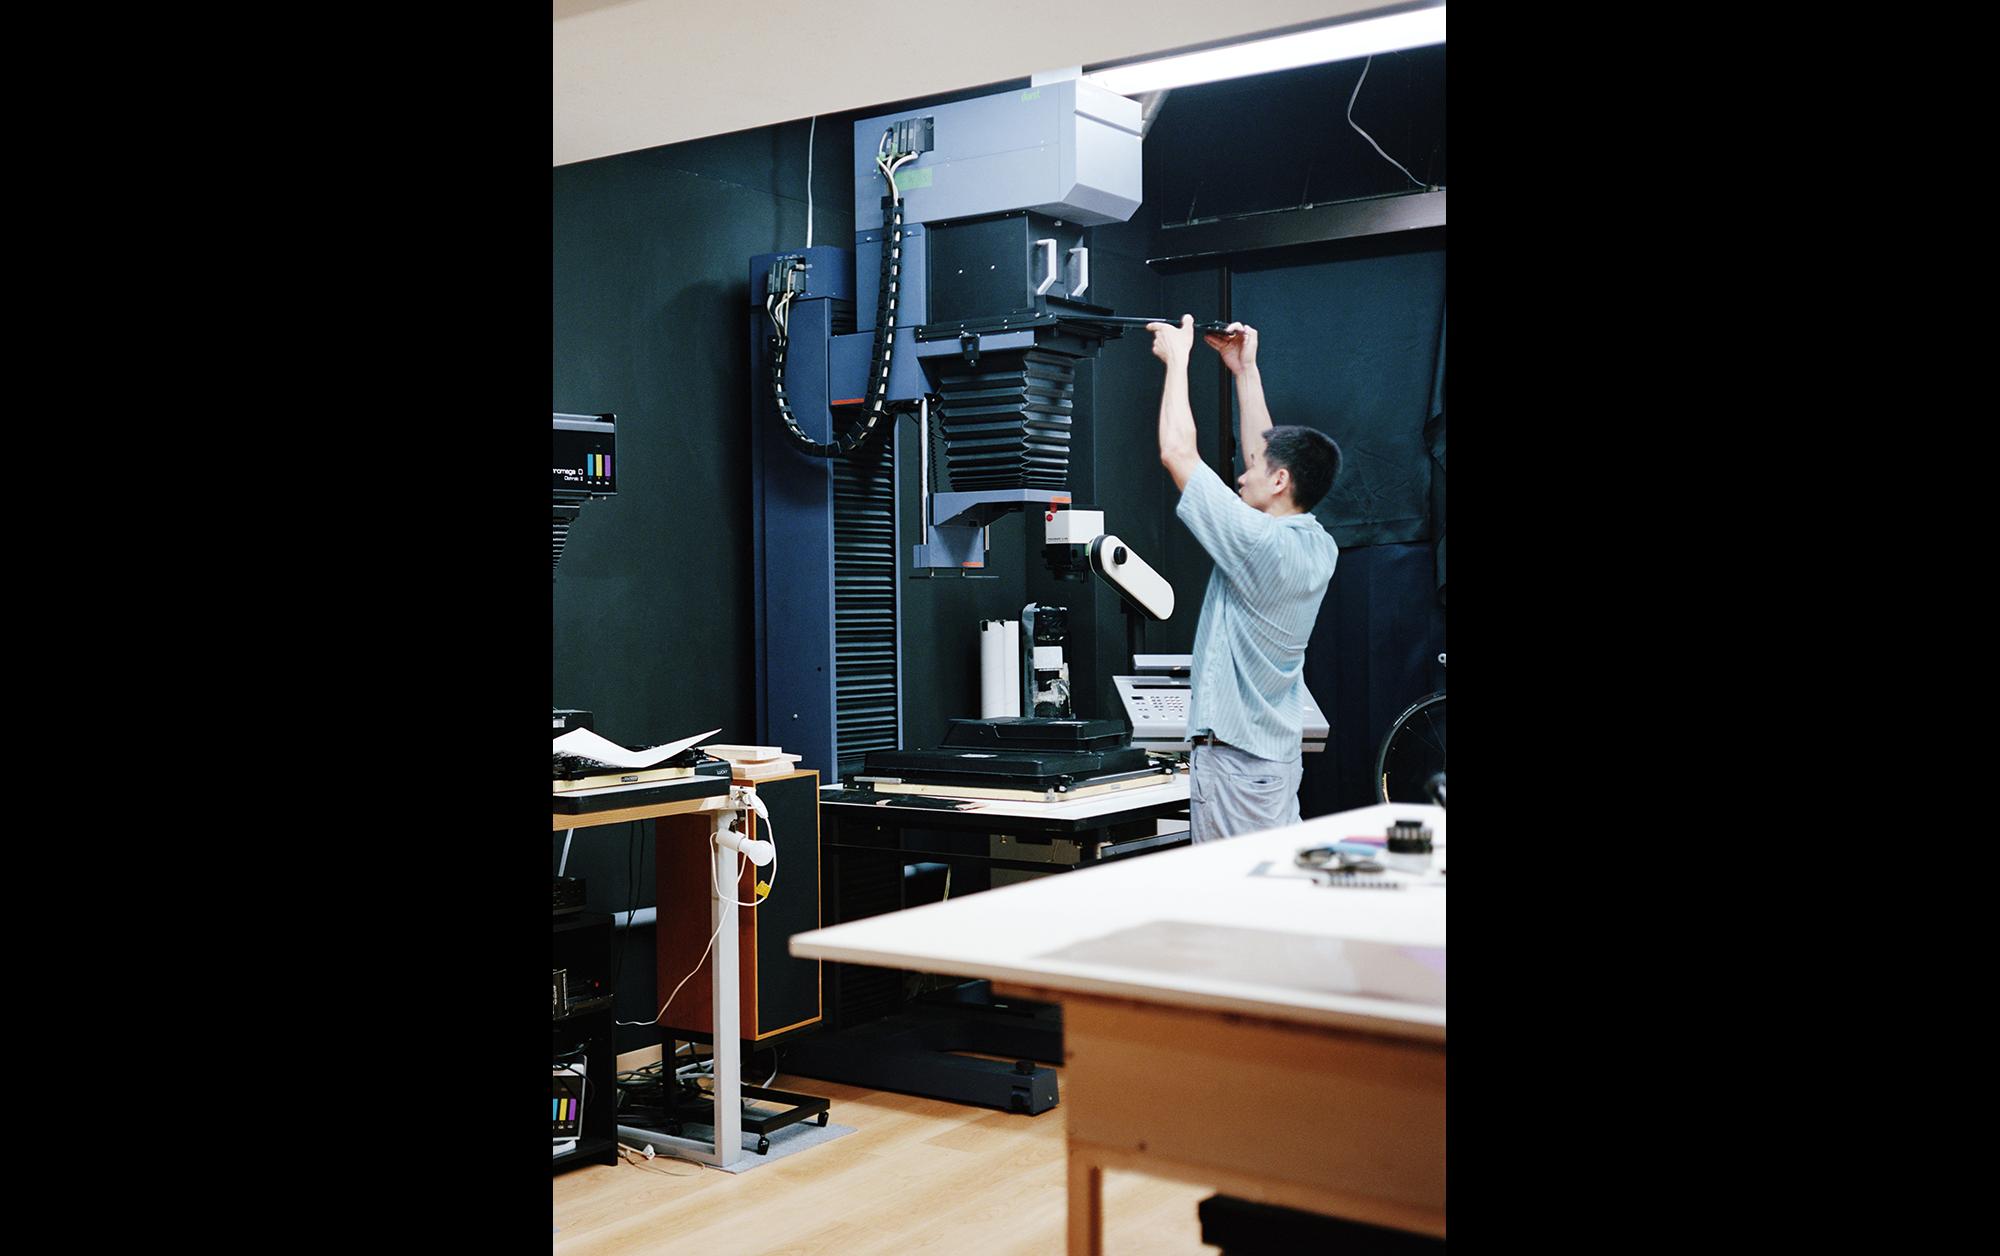 石塚元太良「アナログプリントのプロセスを知り尽くし、使いやすさを追求することで生まれる理想の暗室」 | 石塚元太良